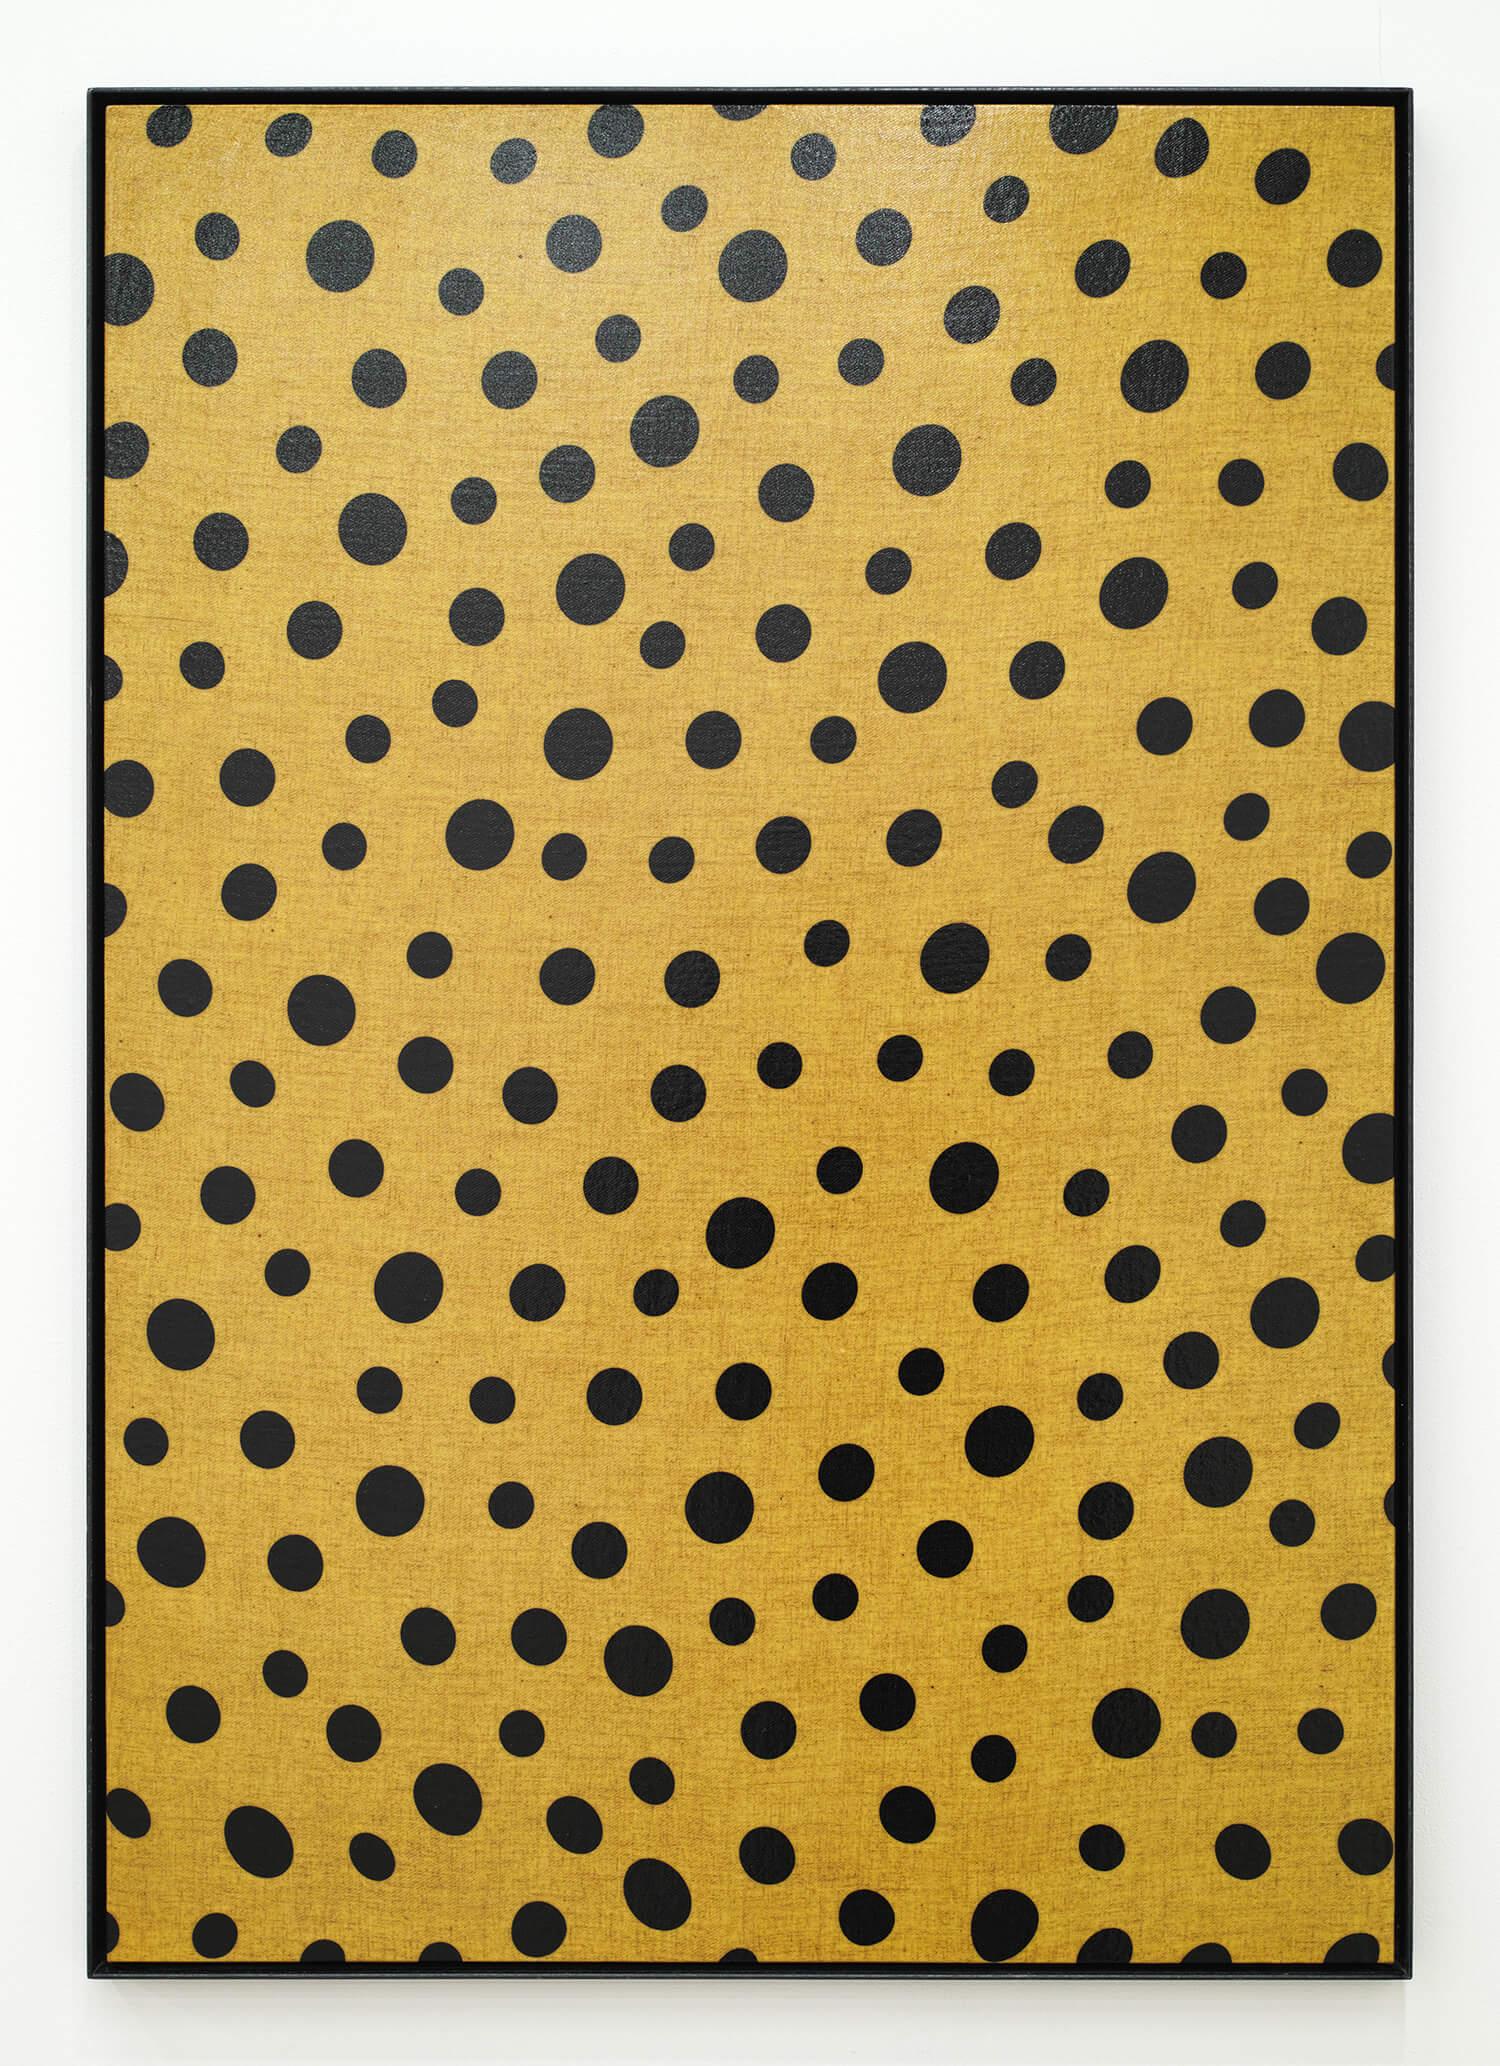 日下部一司 無意味の反復-9 木製パネル、綿布にウレタン塗料、鉄製フレーム 865 x 605 mm 1997